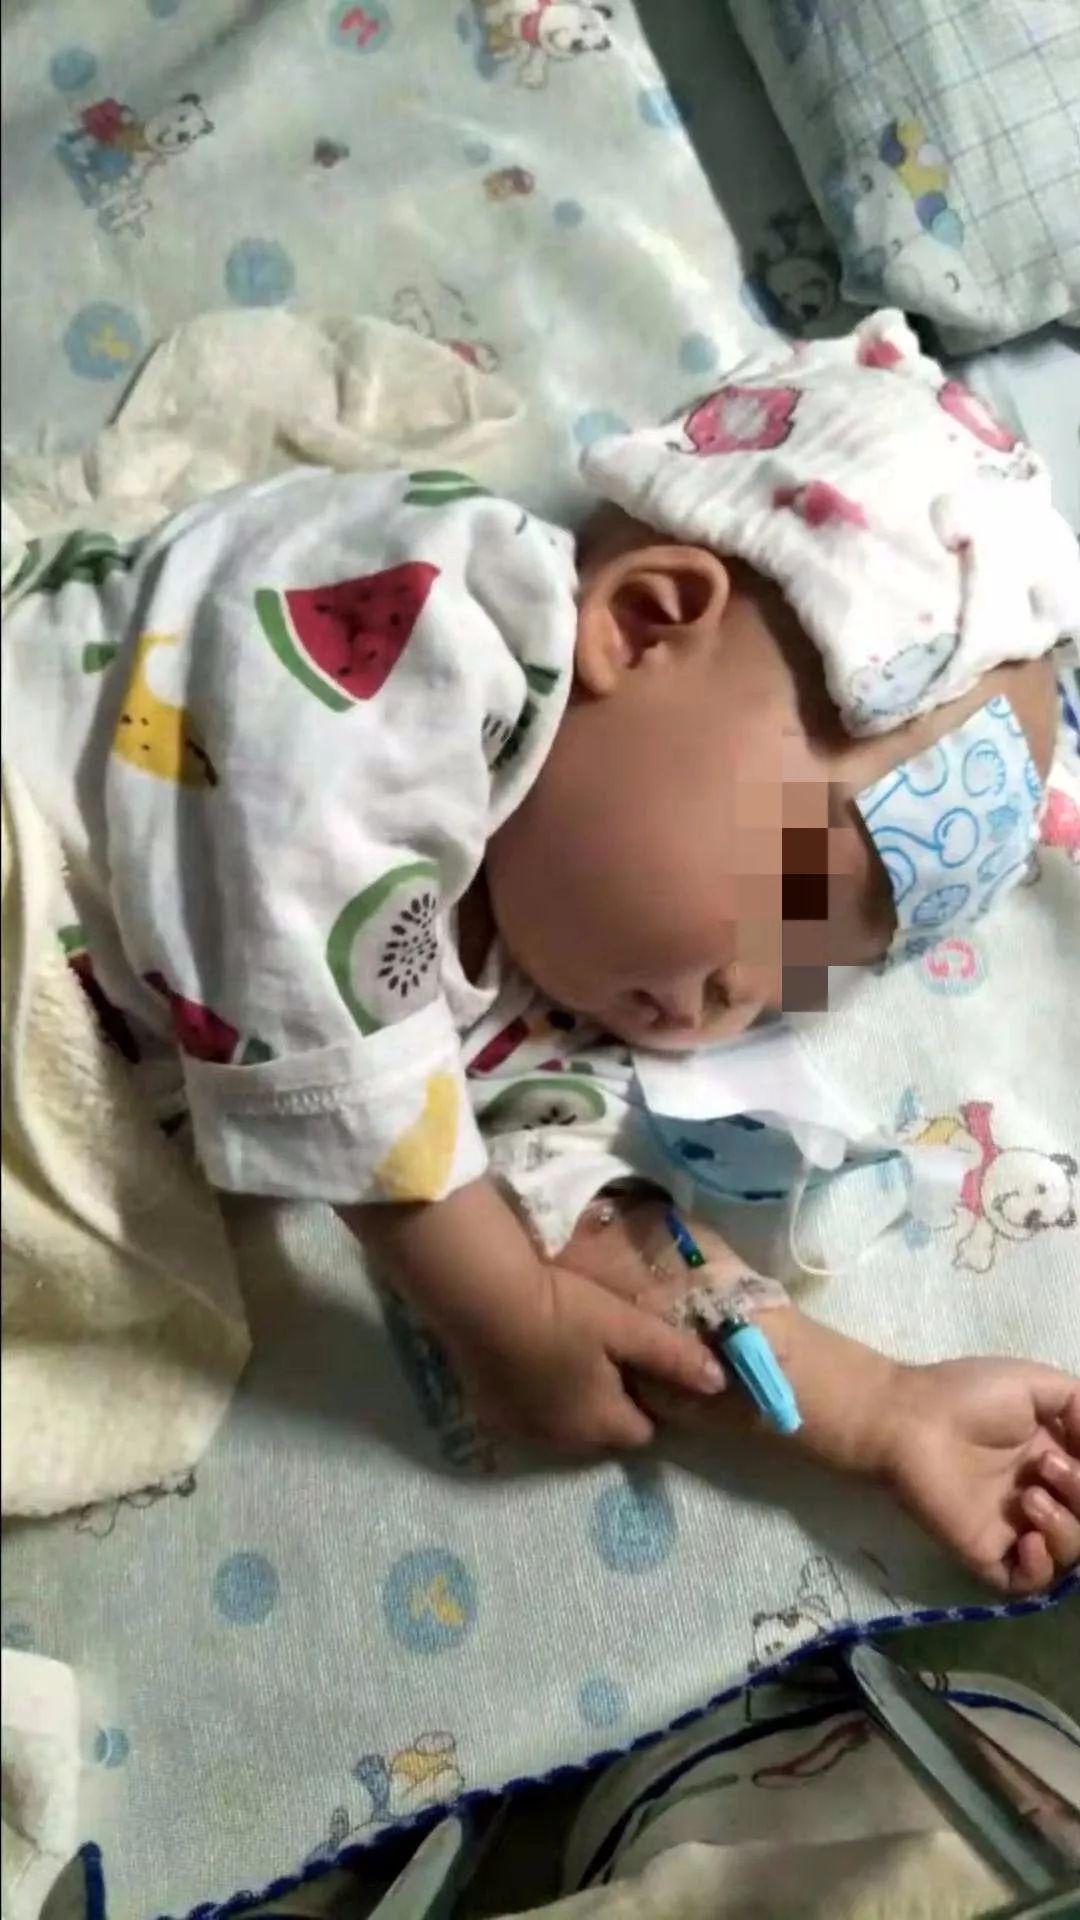 城事丨宝宝1岁患白血病,为挣钱救子,90后父亲穿梭街头工地